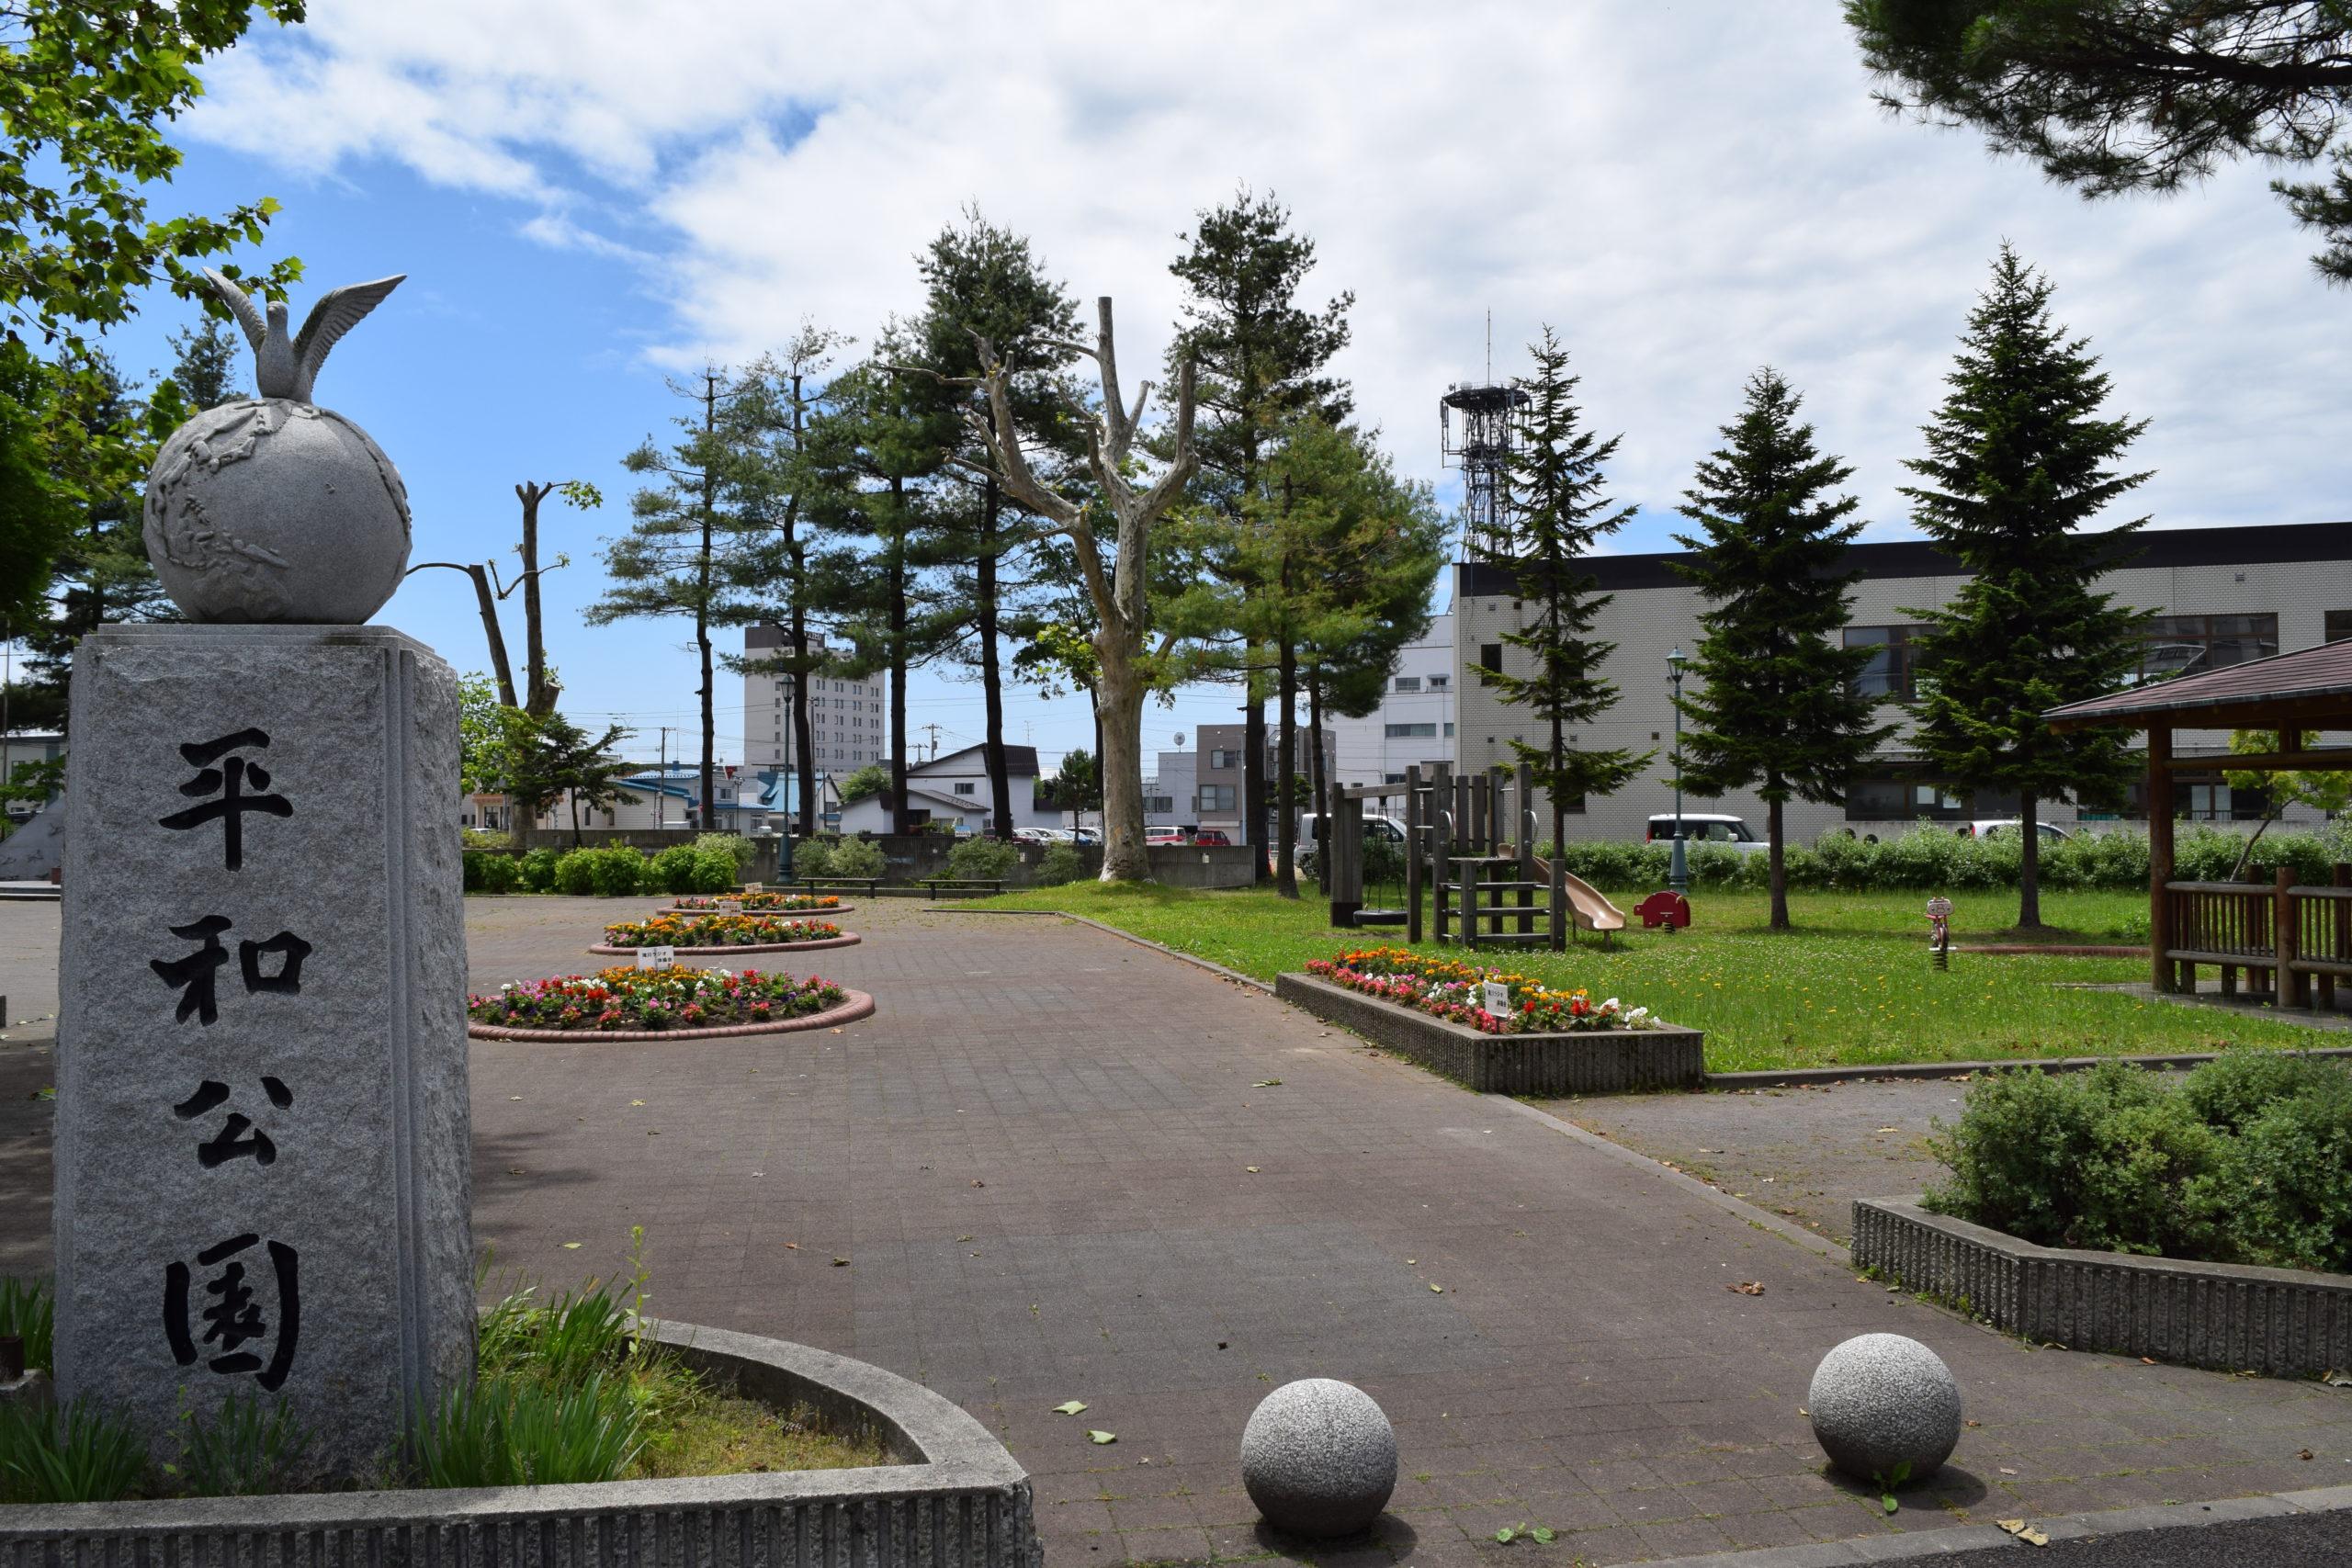 滝川平和公園(北海道滝川市明神町)